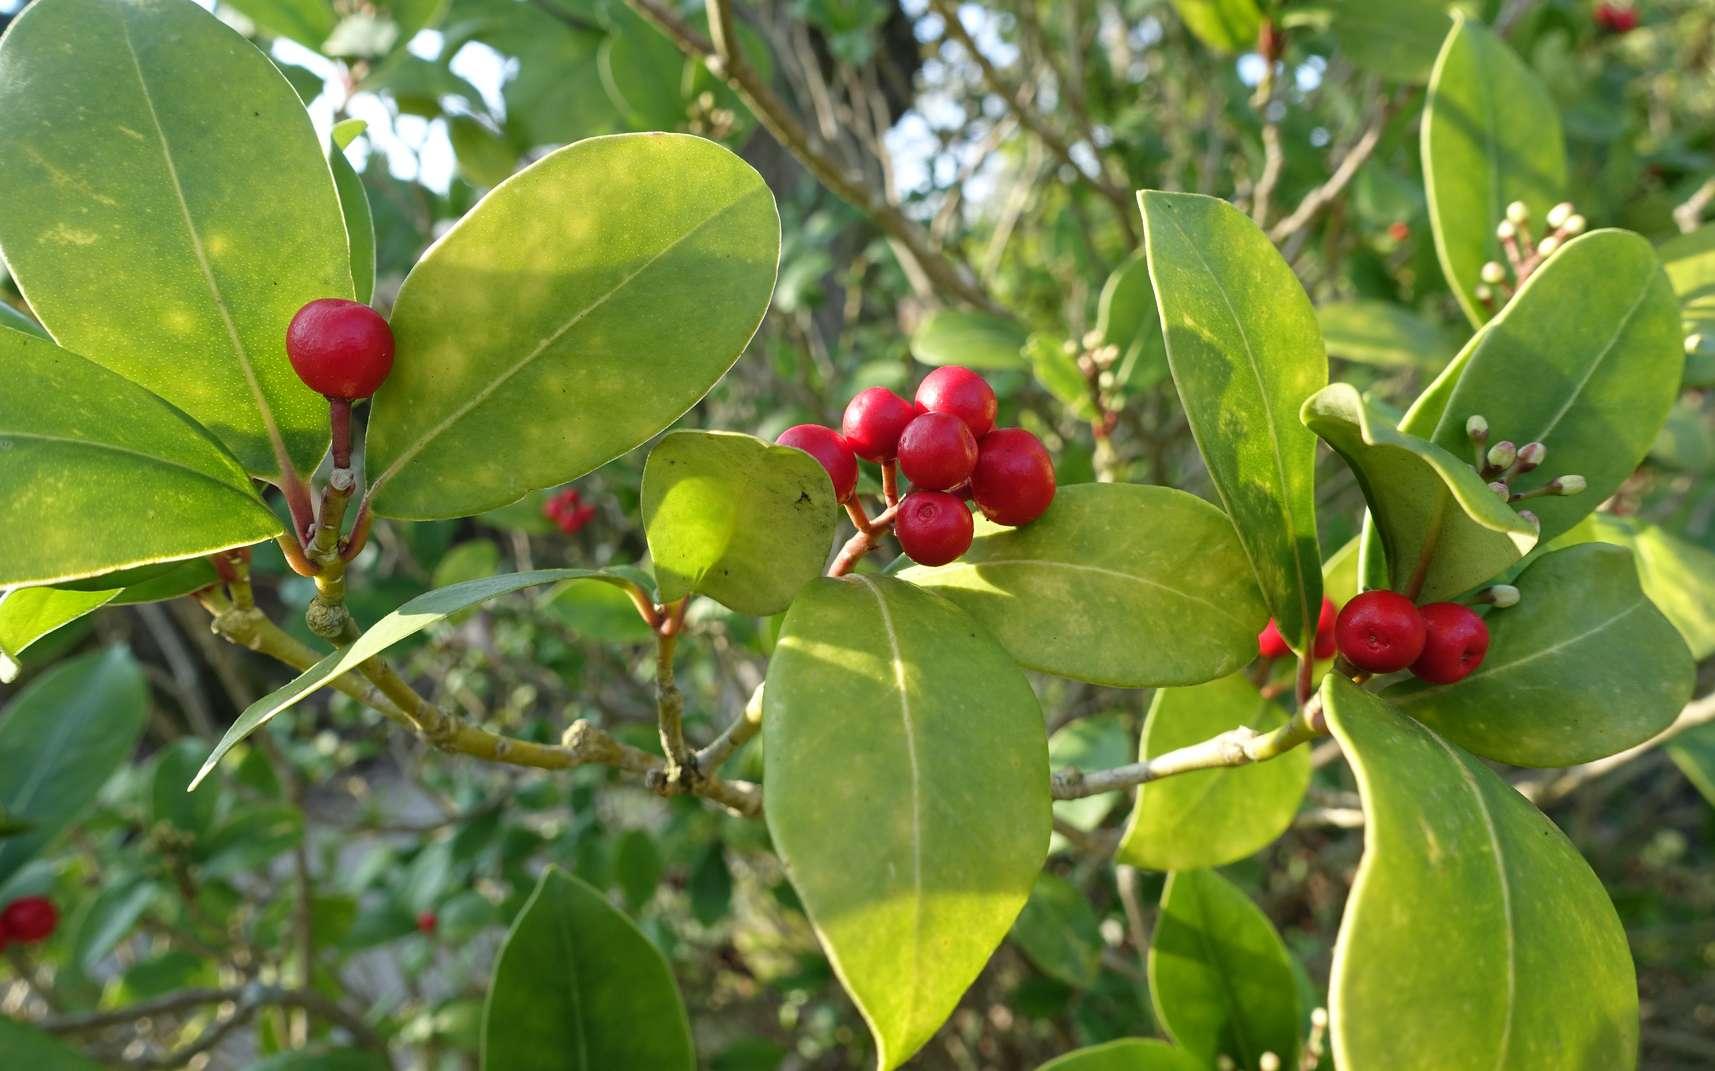 Tailler un arbuste pour lui donner une forme harmonieuse. © Miluz, Flickr, CC BY 2.0